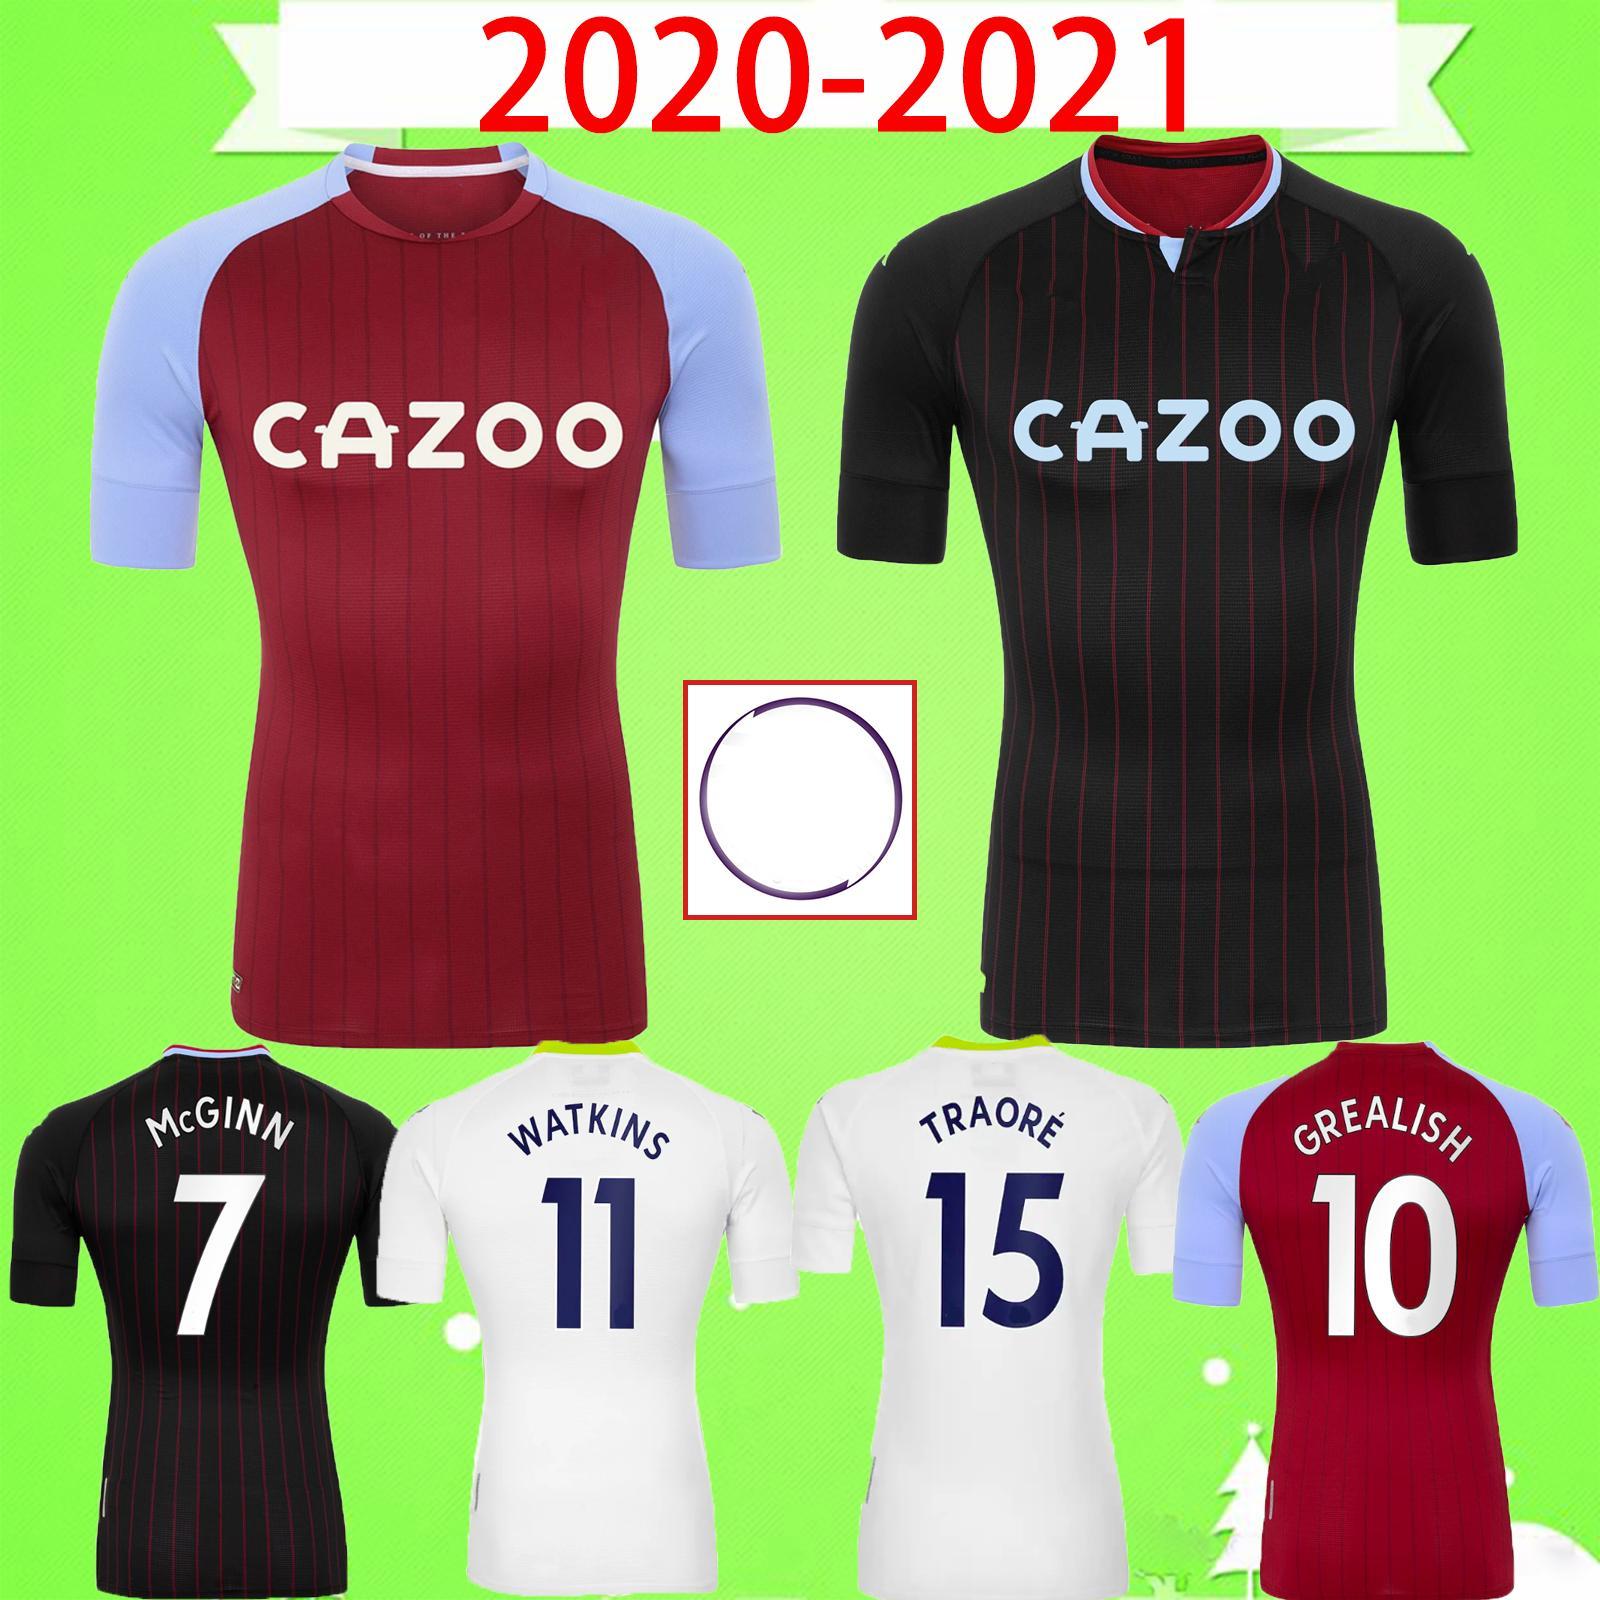 2020 2021 استون فيلا لكرة القدم بالقميص المنزل بعيدا Grealish Hourihane ويسلي ماكجين SAMATTA DAVIS TREZEGUET درينكووتر قميص كرة القدم الرجال الاطفال